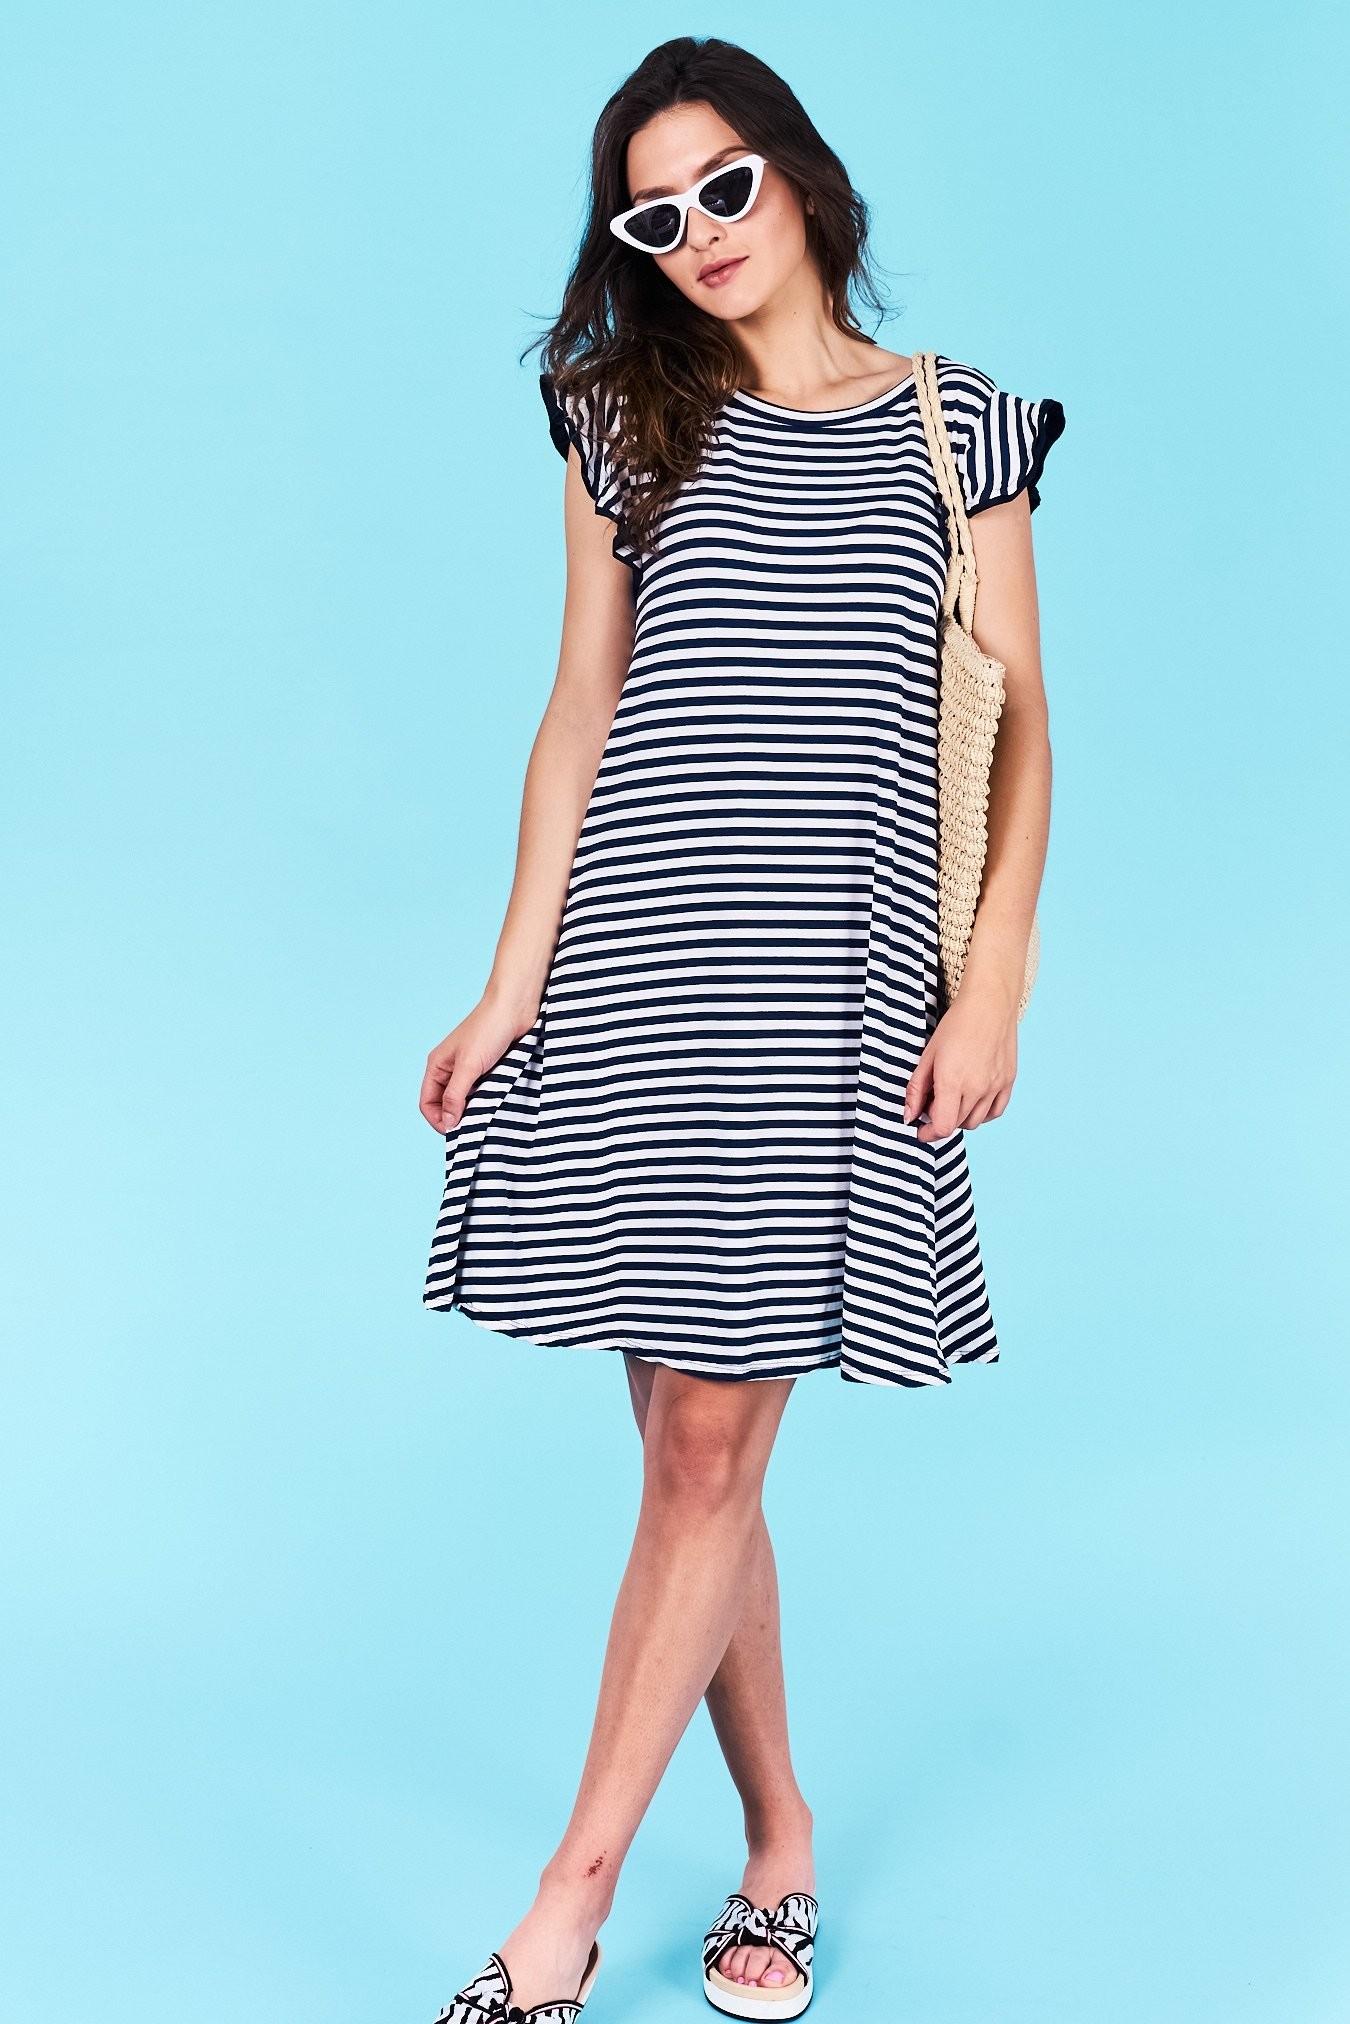 f3907b76dd35 Dámske pruhované šaty tmavo modré Jasmine Veľkosť UNI-verzálna Vyrobené z  príjemného materiálu. Pohodlné